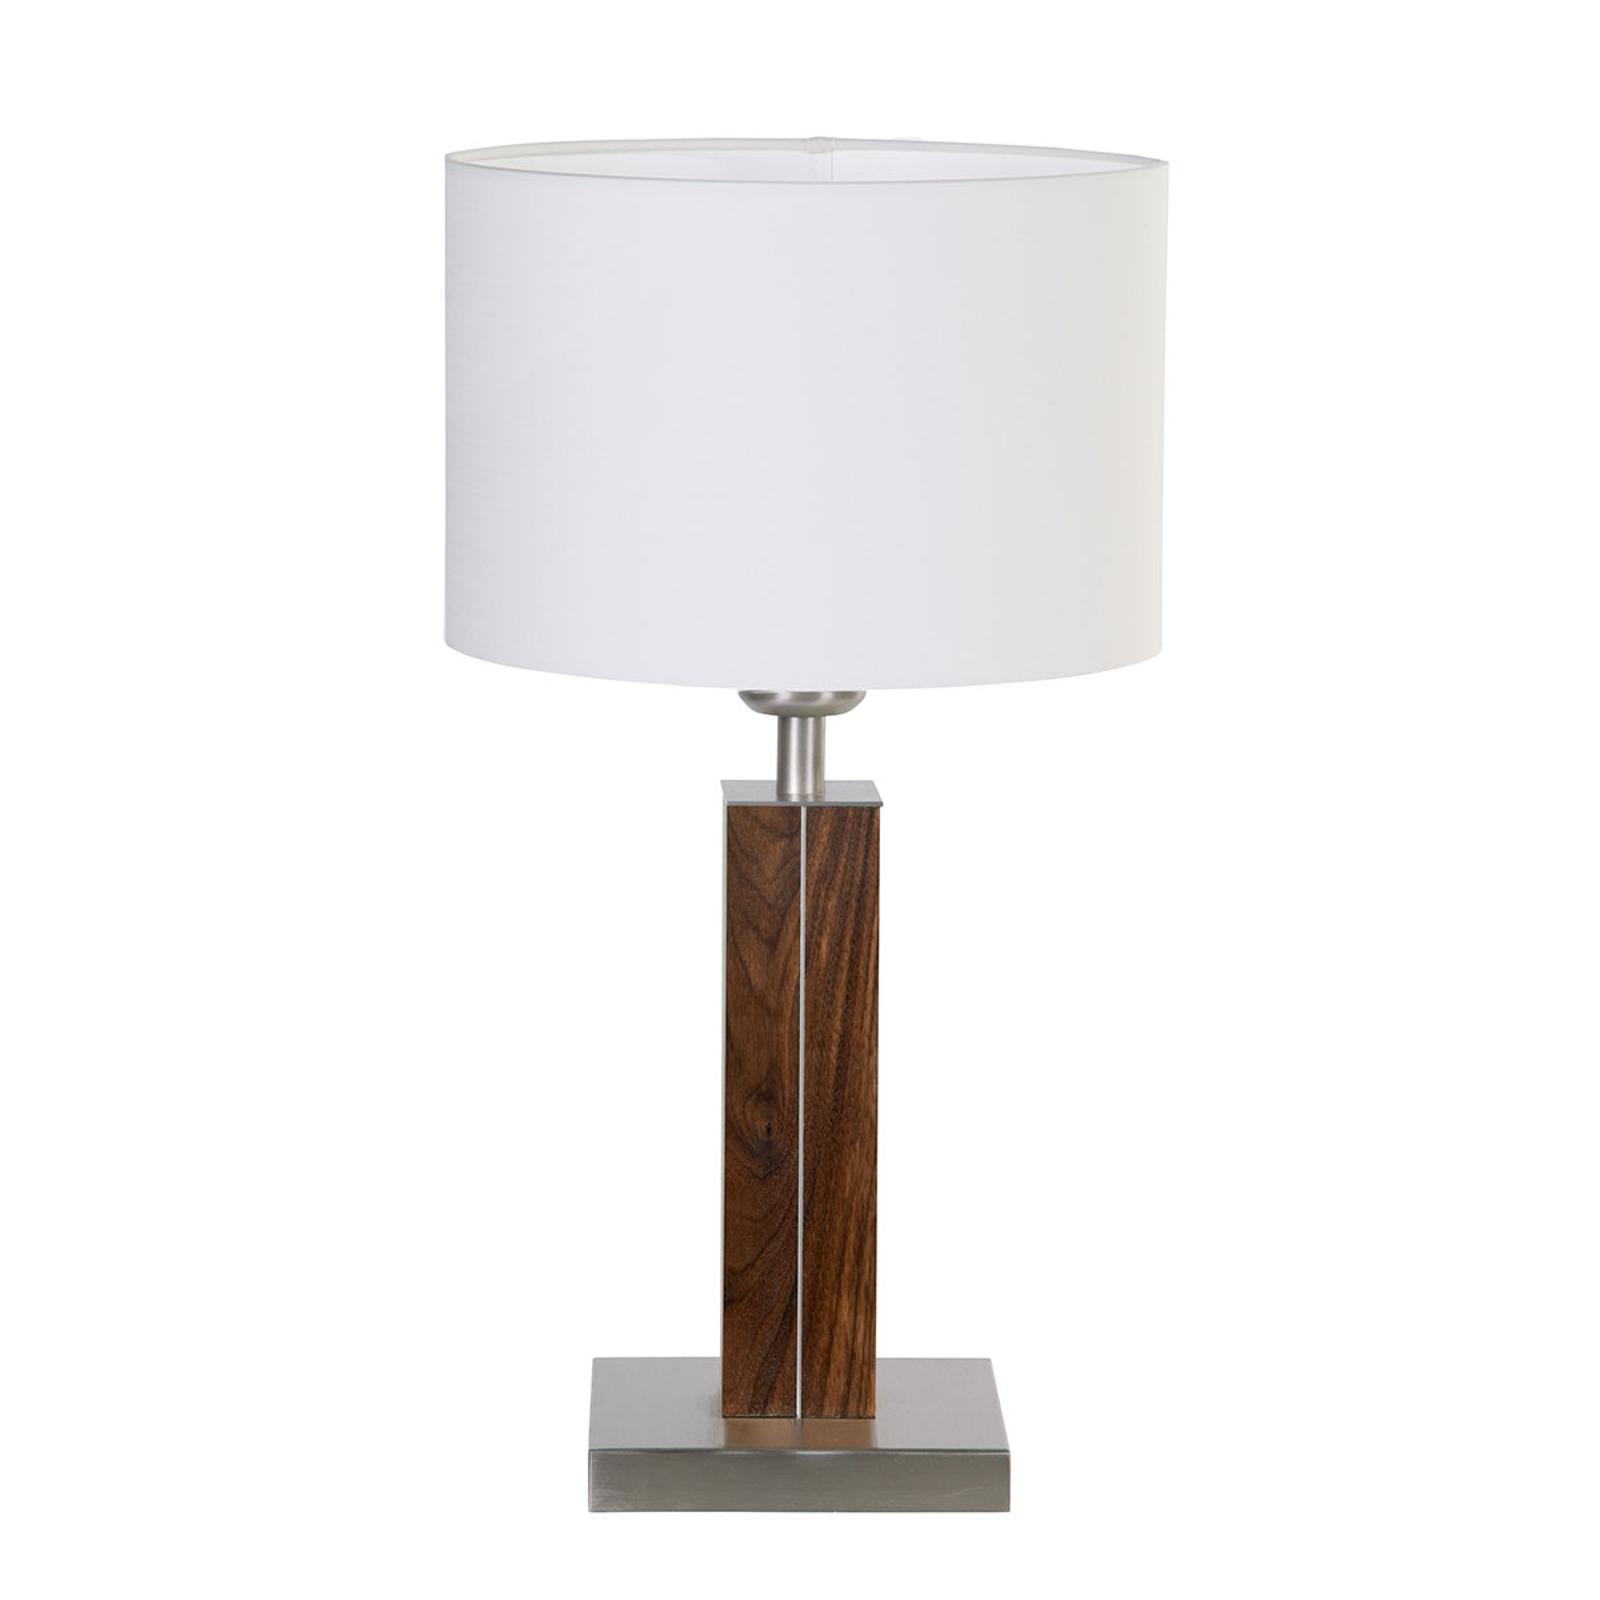 HerzBlut Dana tafellamp met houten voet noten